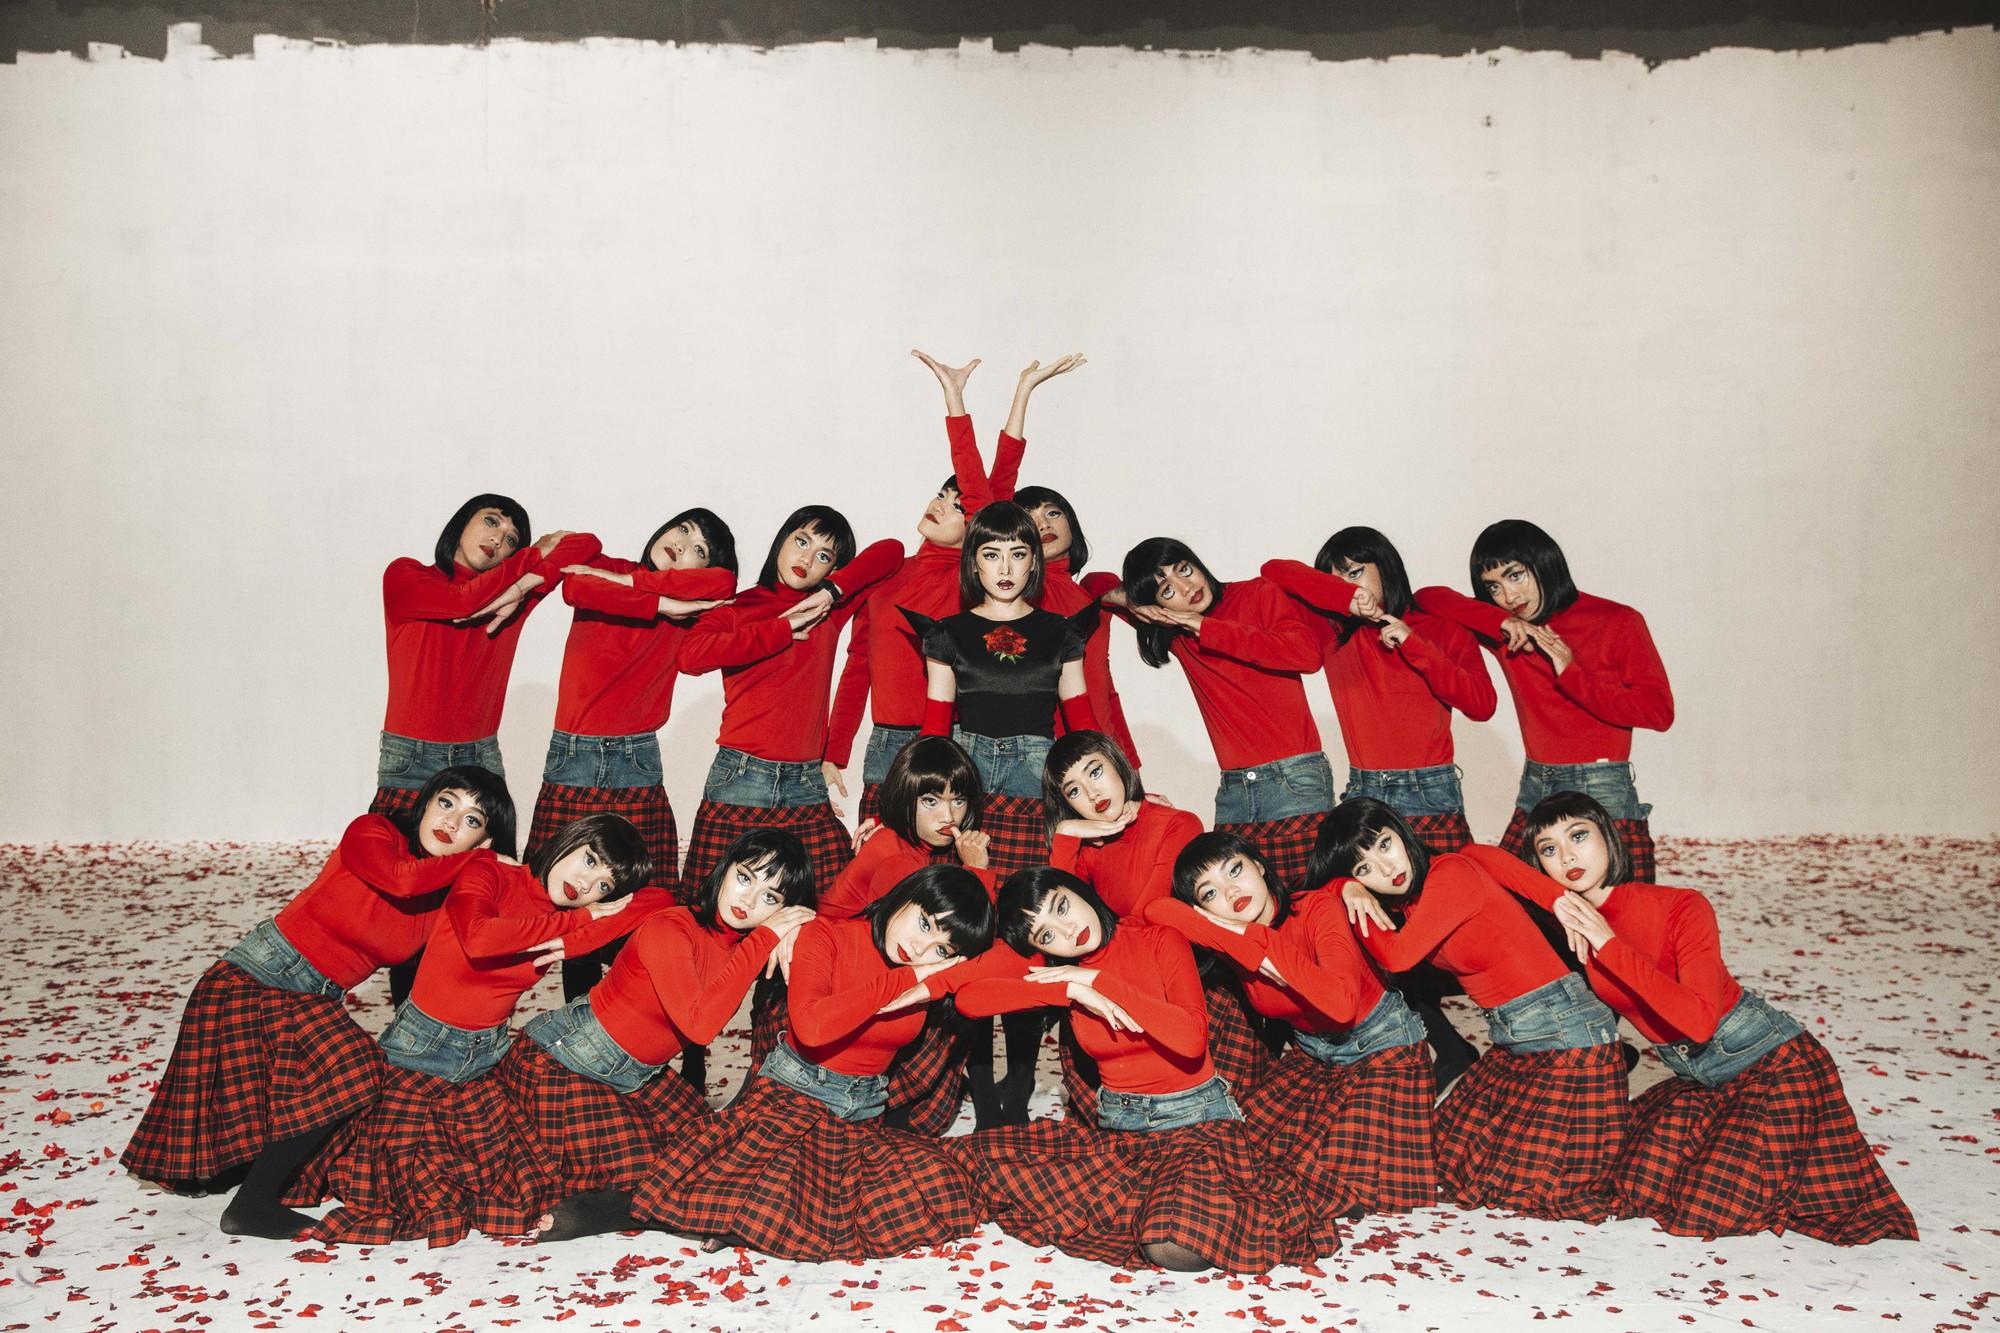 Chi Pu tung MV Dance lạ mắt với vũ đạo độc đáo, thực hiện 2 phiên bản cho sản phẩm trở lại - Ảnh 11.